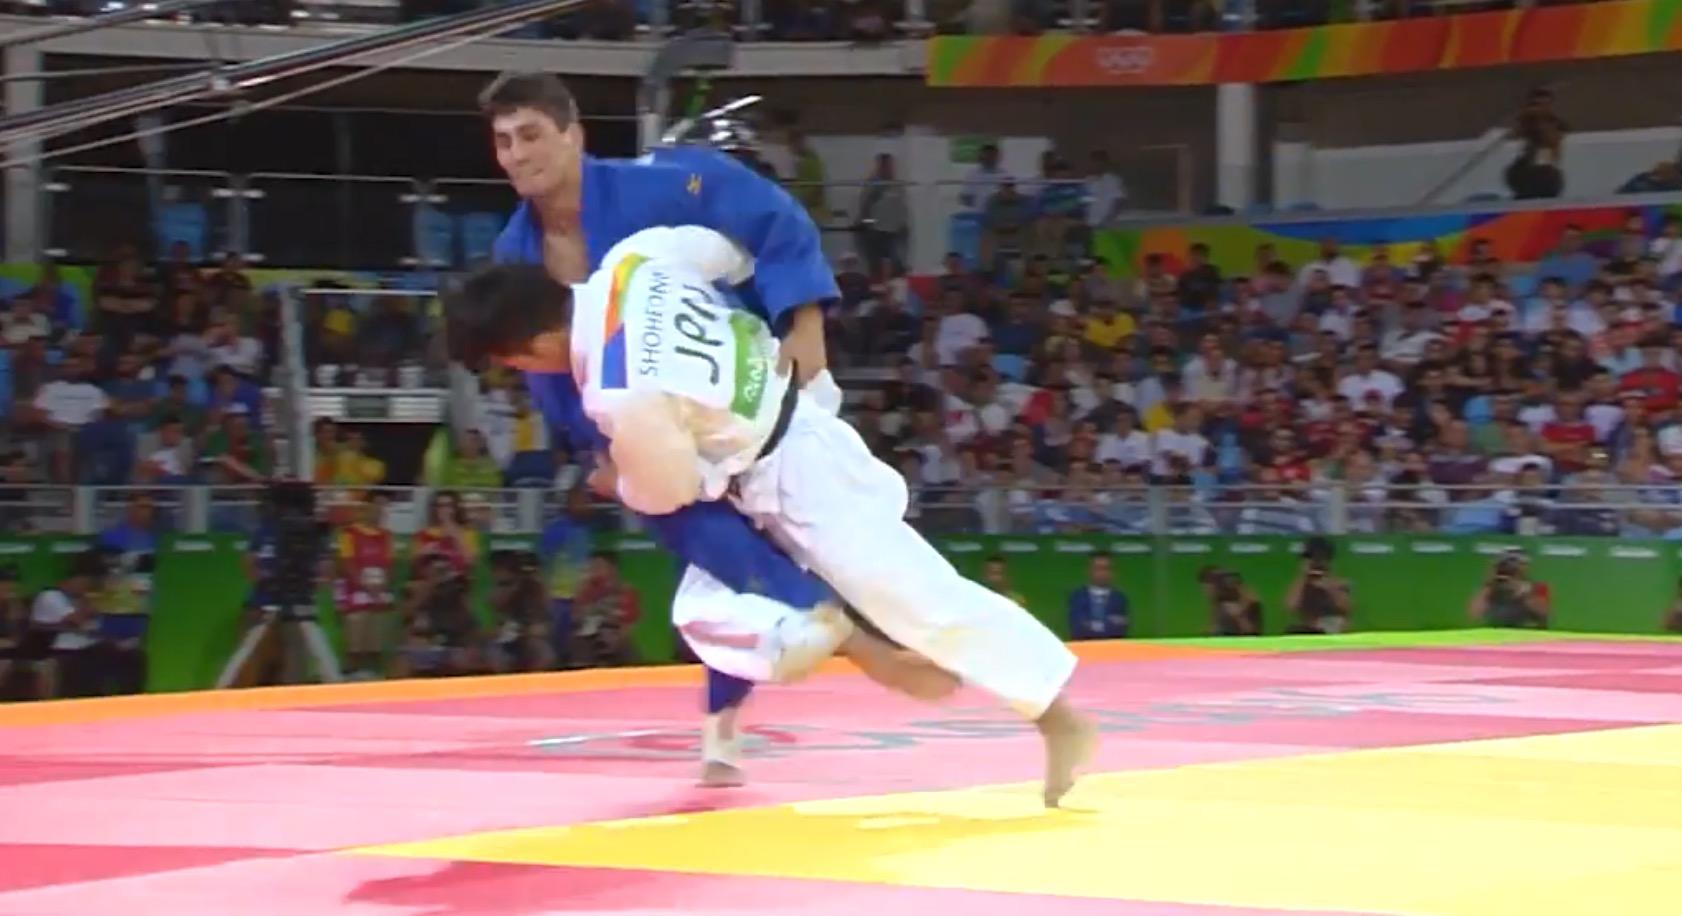 【リオ五輪】柔道・大野が圧倒的な強さで「金メダル」!あざやかな一本勝ちの瞬間!!